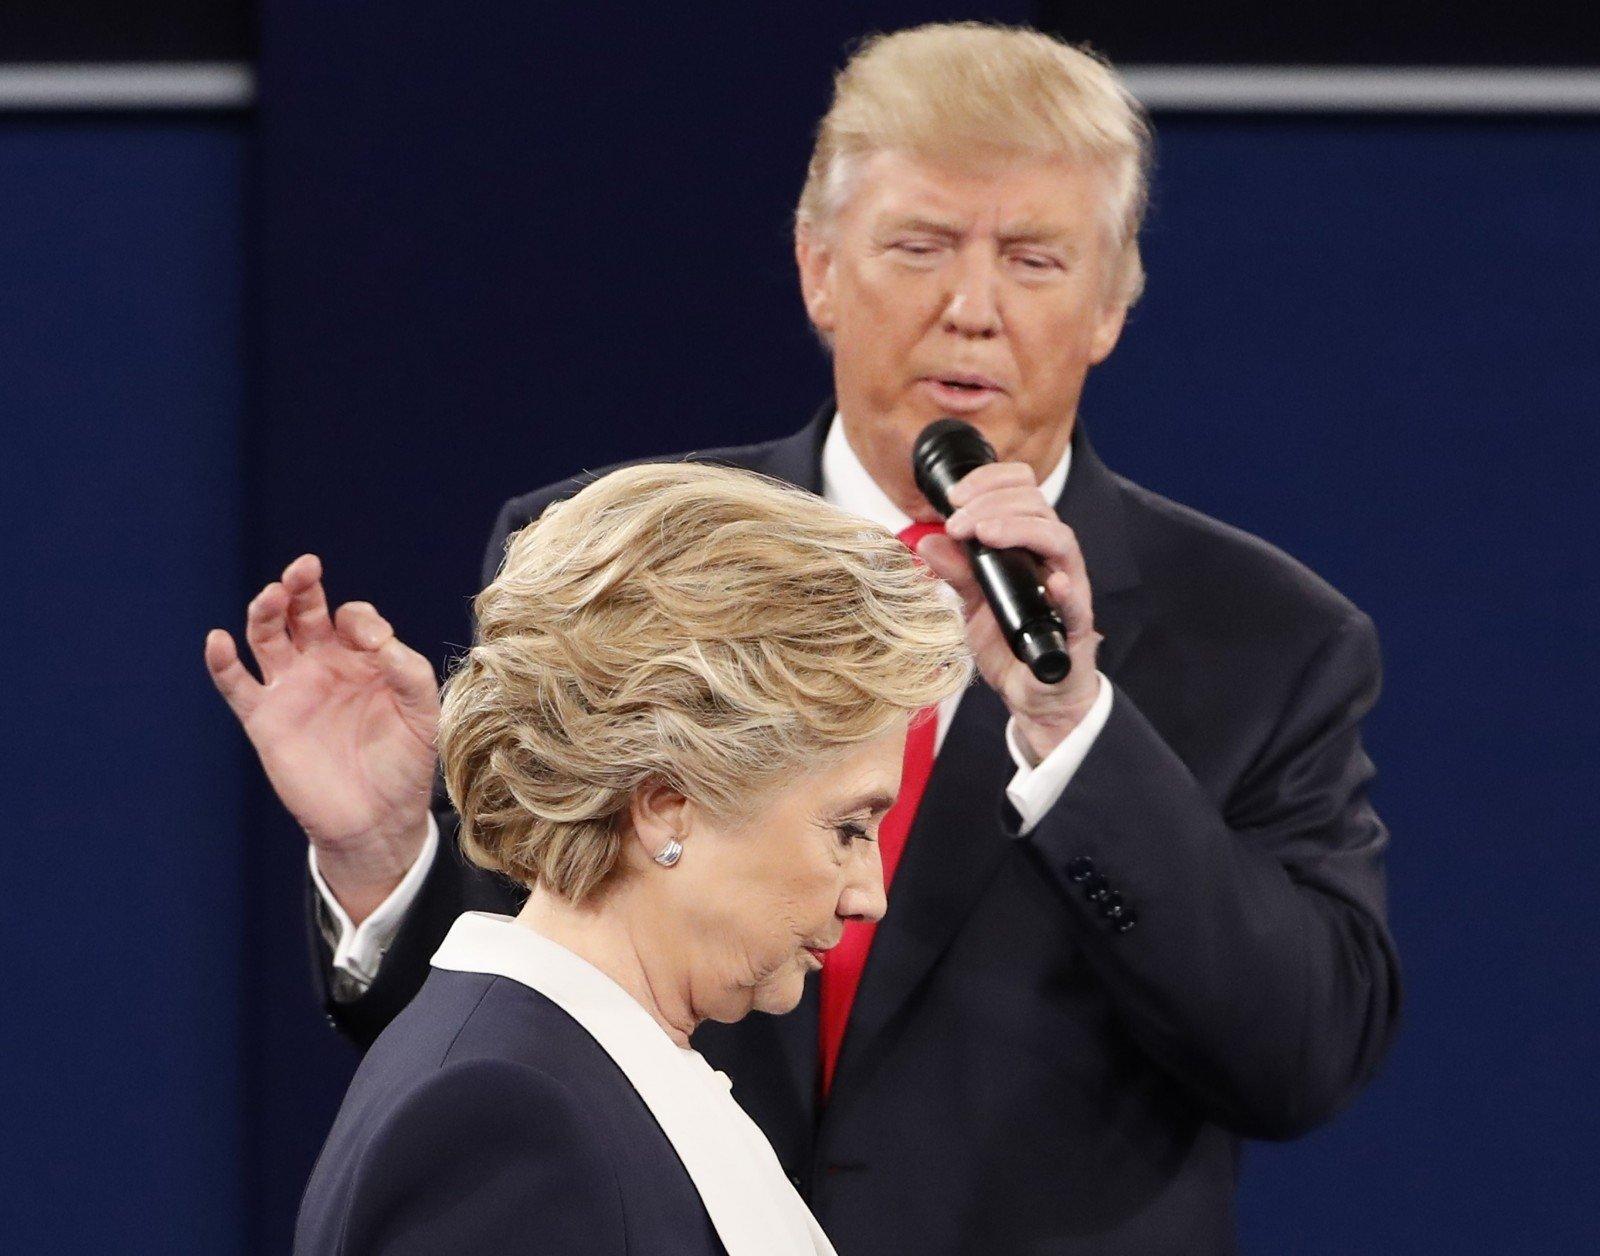 В социальная сеть Twitter появился аккаунт севшей наХиллари Клинтон мухи